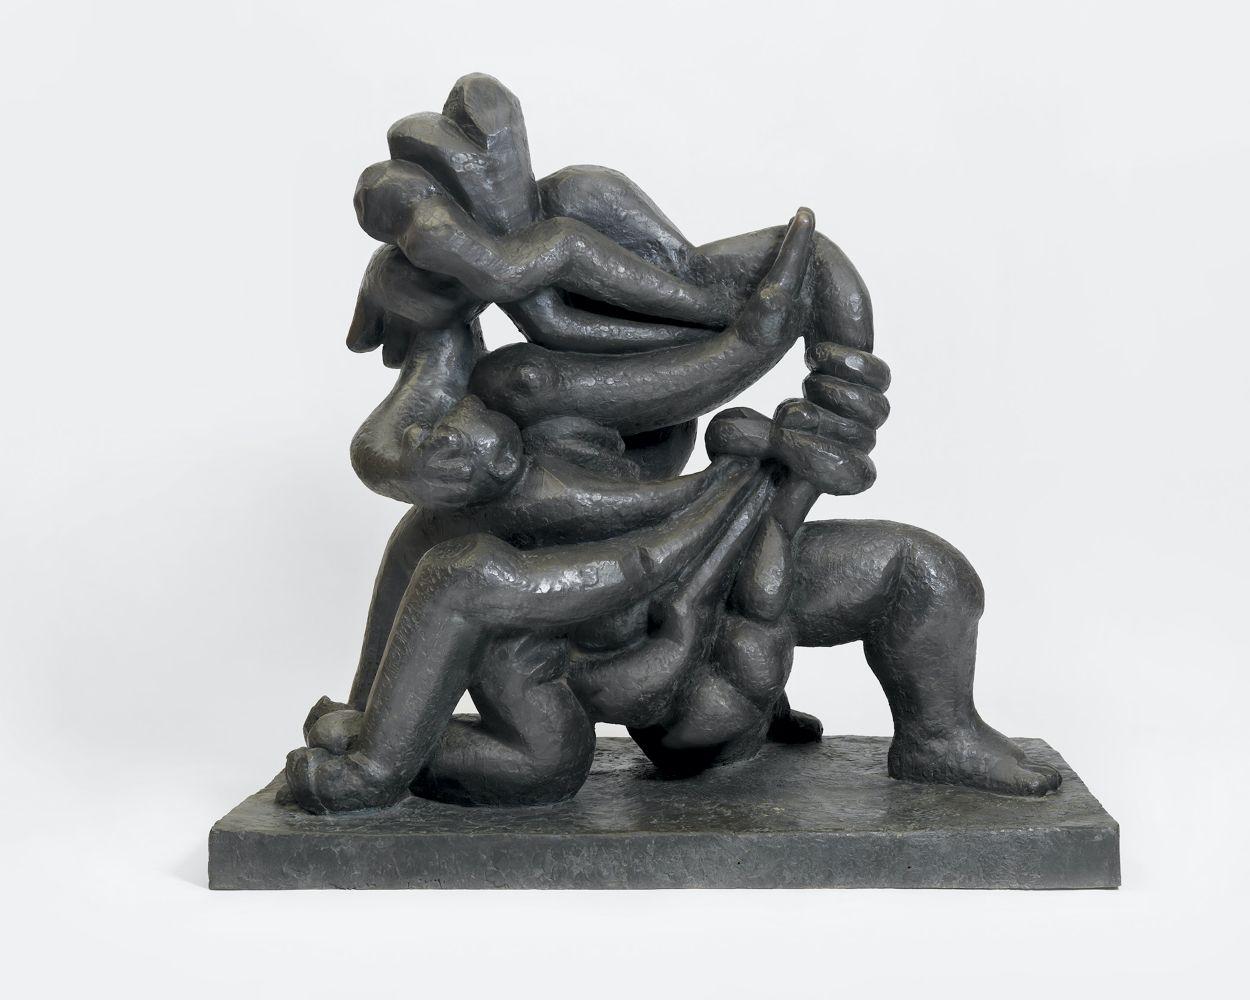 Bronze sculpture with contorted figures.